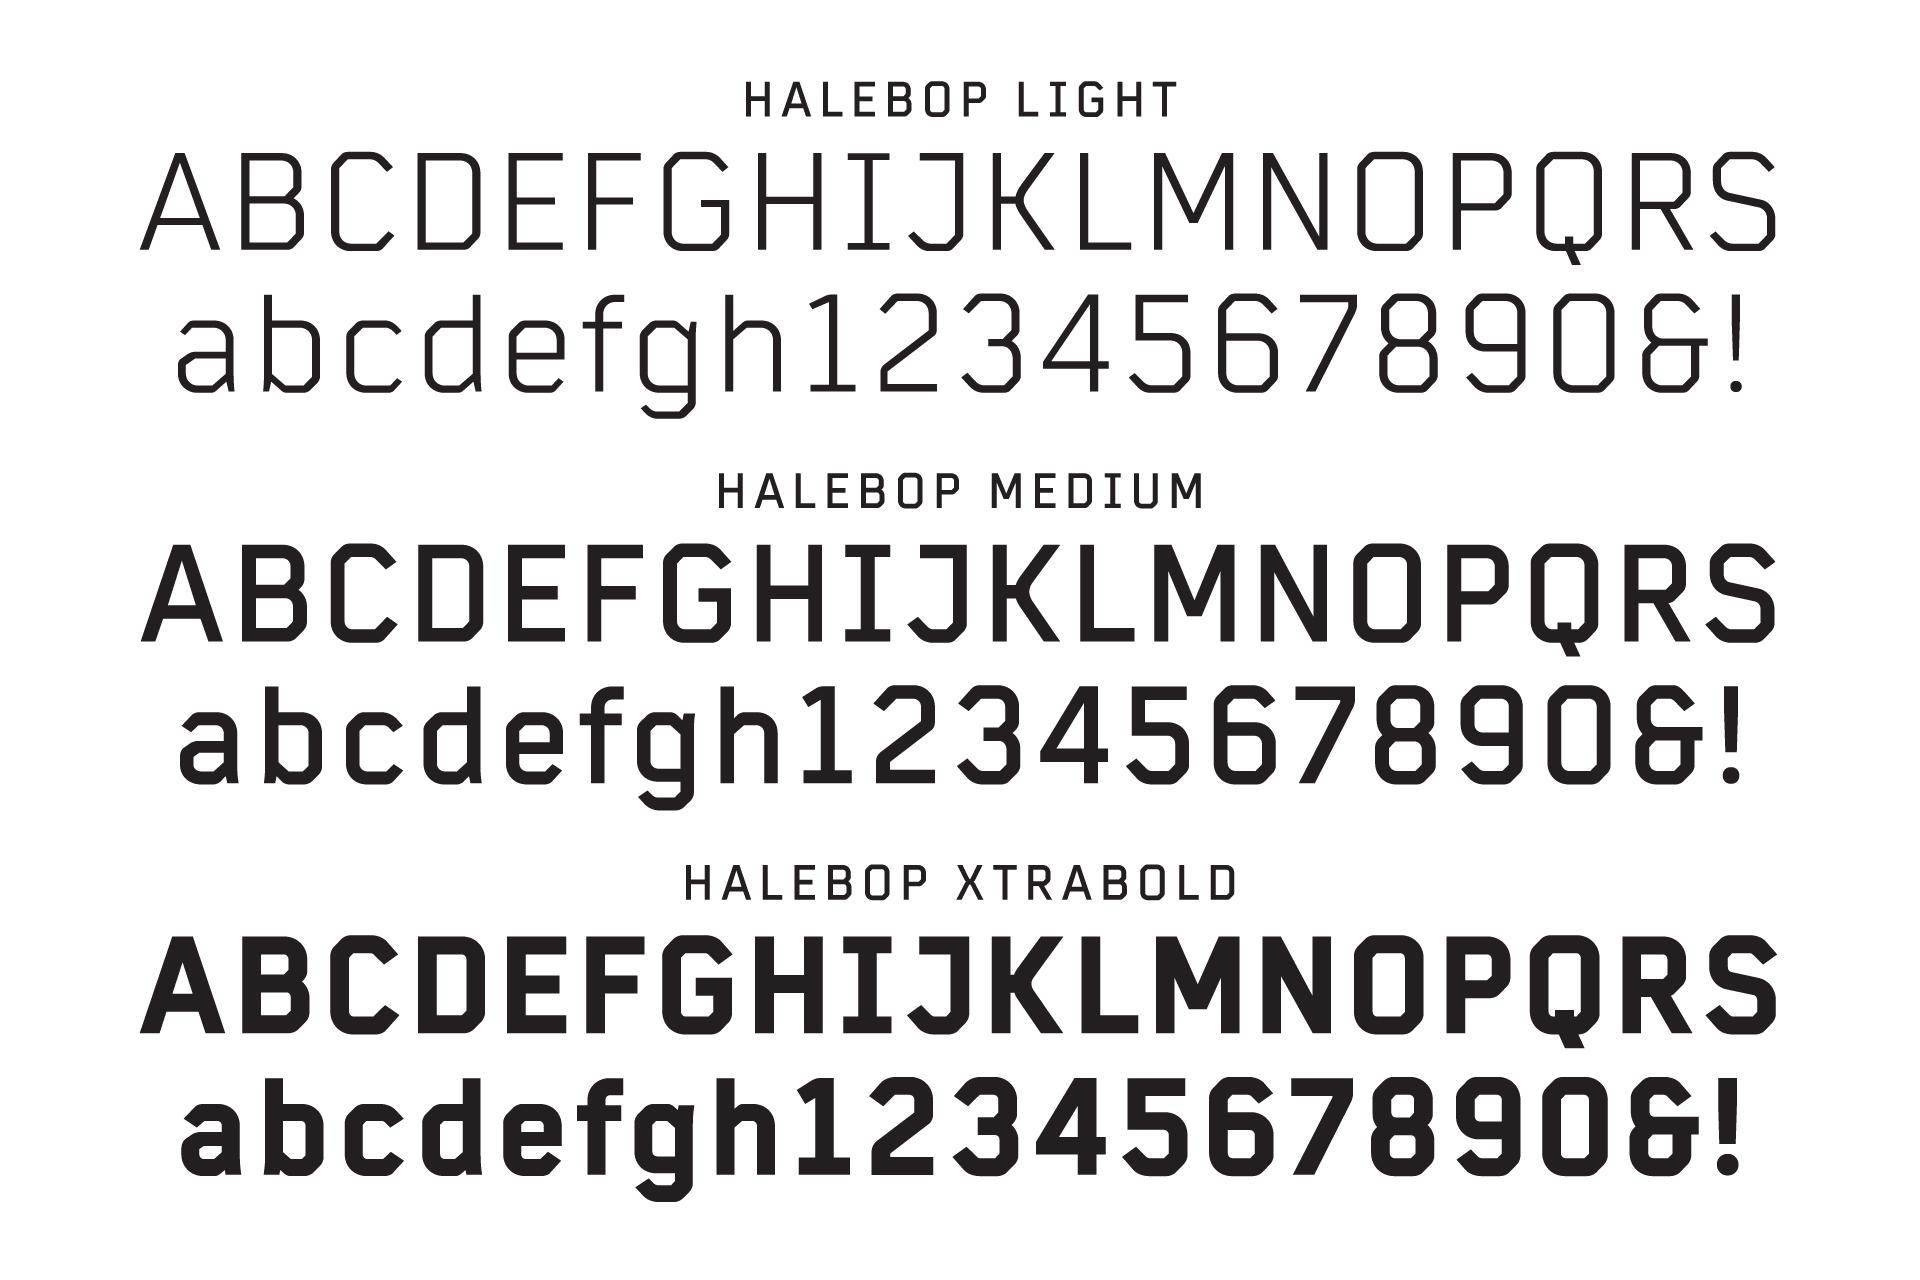 Halebop_PAGE-2